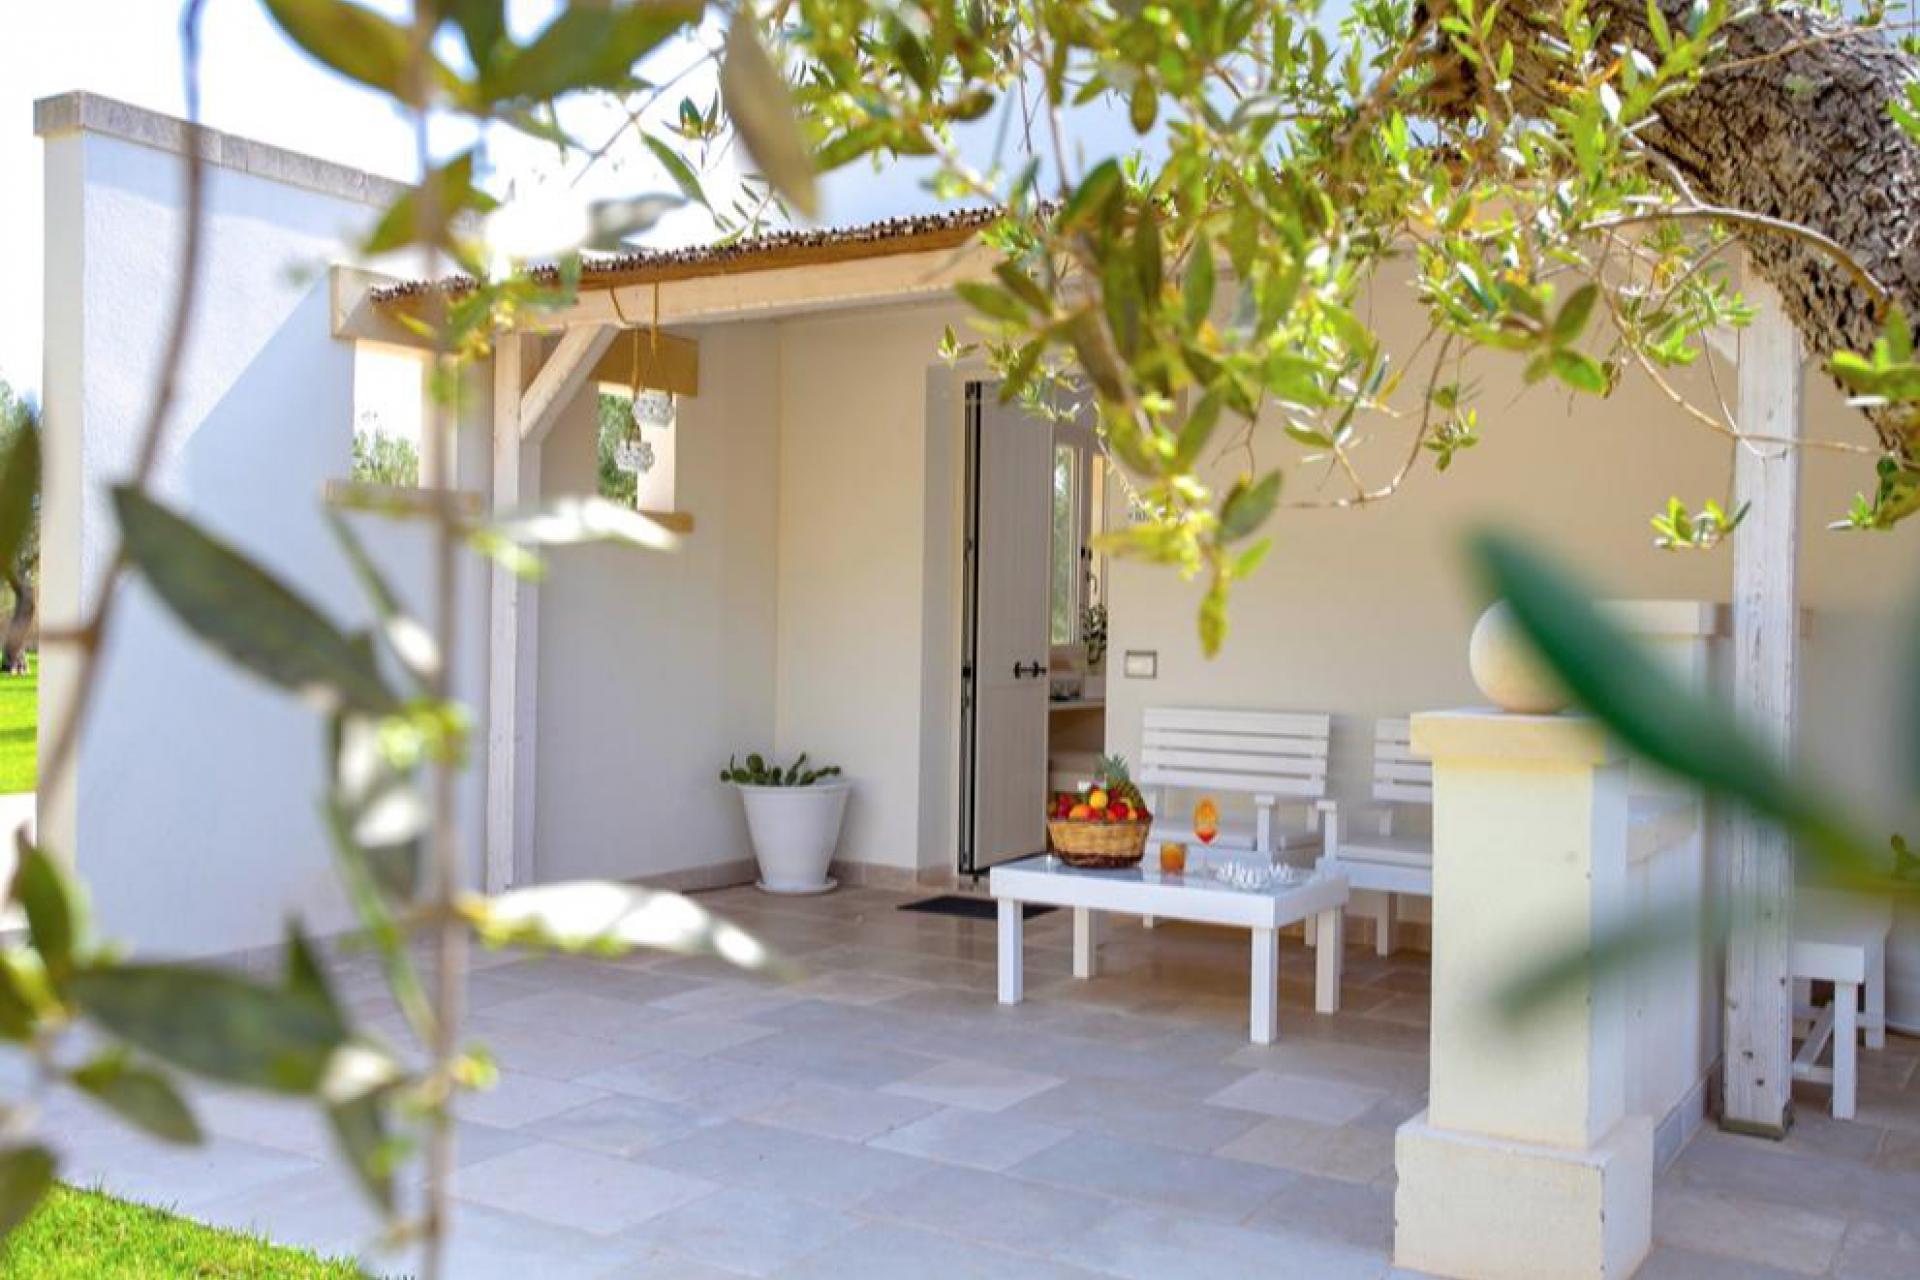 Agriturismo Puglia Agriturismo in Puglia, luxe en gastvrijheid